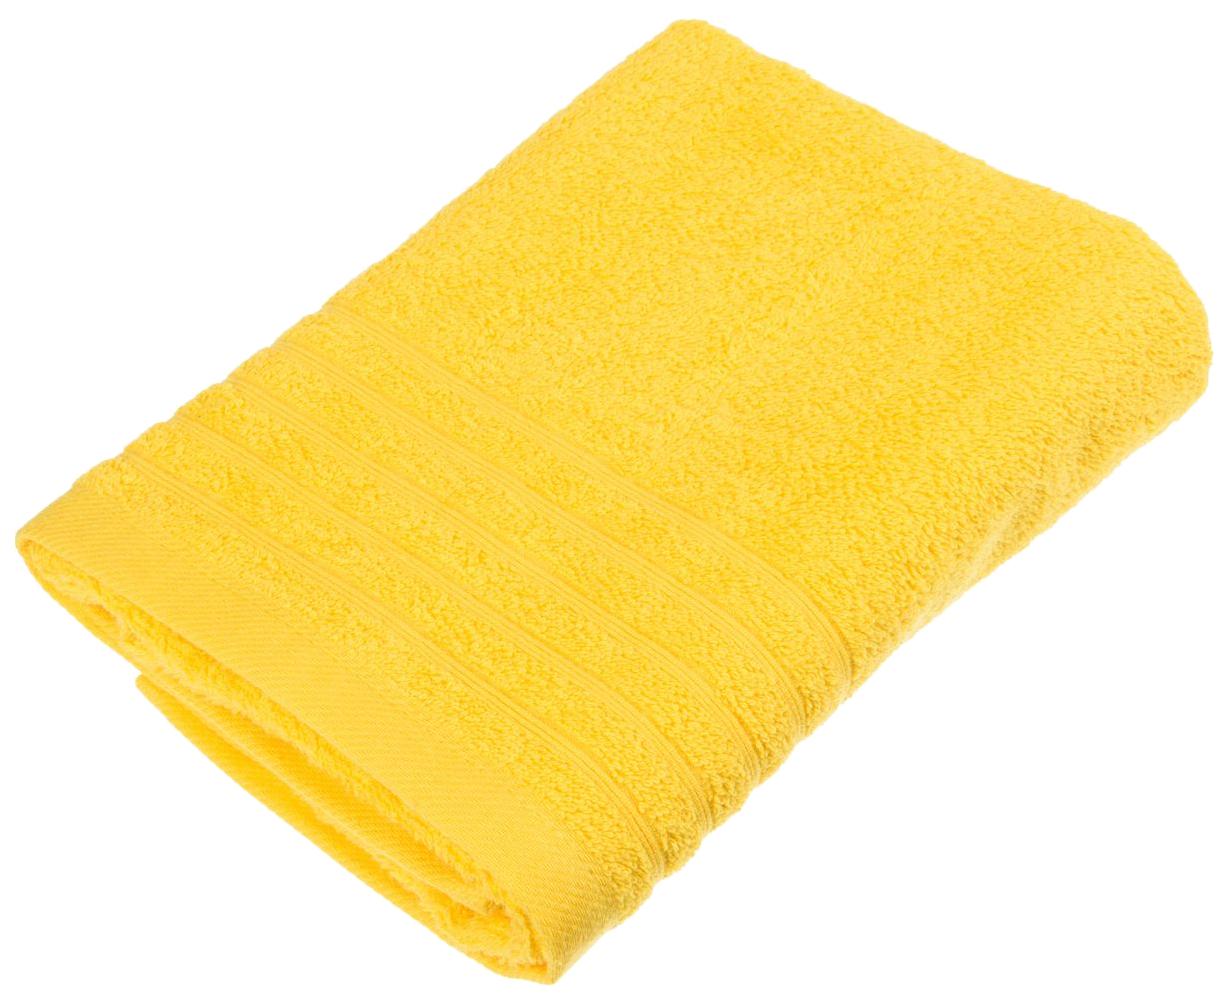 Банное полотенце, полотенце универсальное Santalino желтый